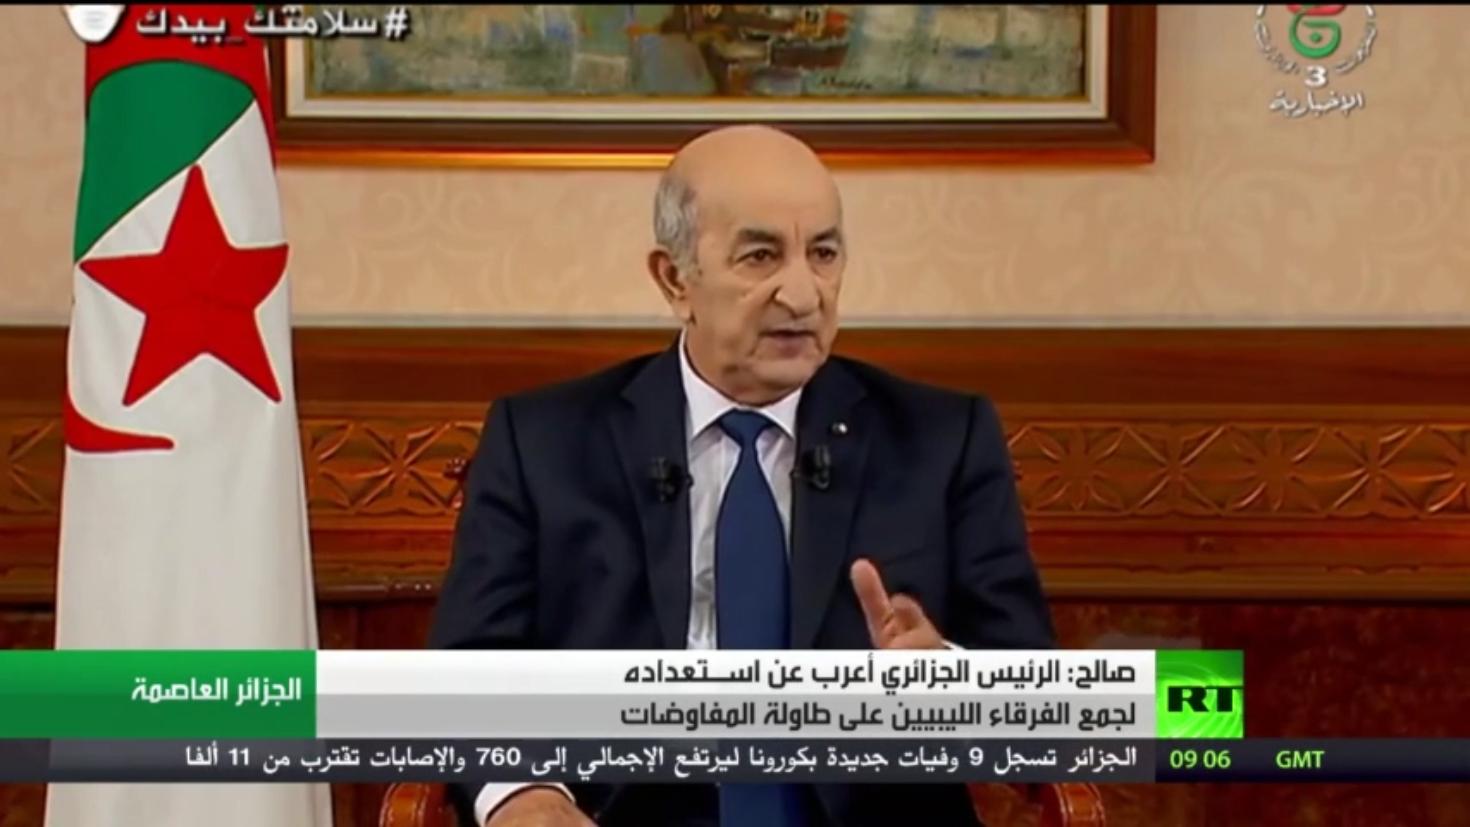 تبون: يجب حل أزمة ليبيا بعيدا عن التدخلات